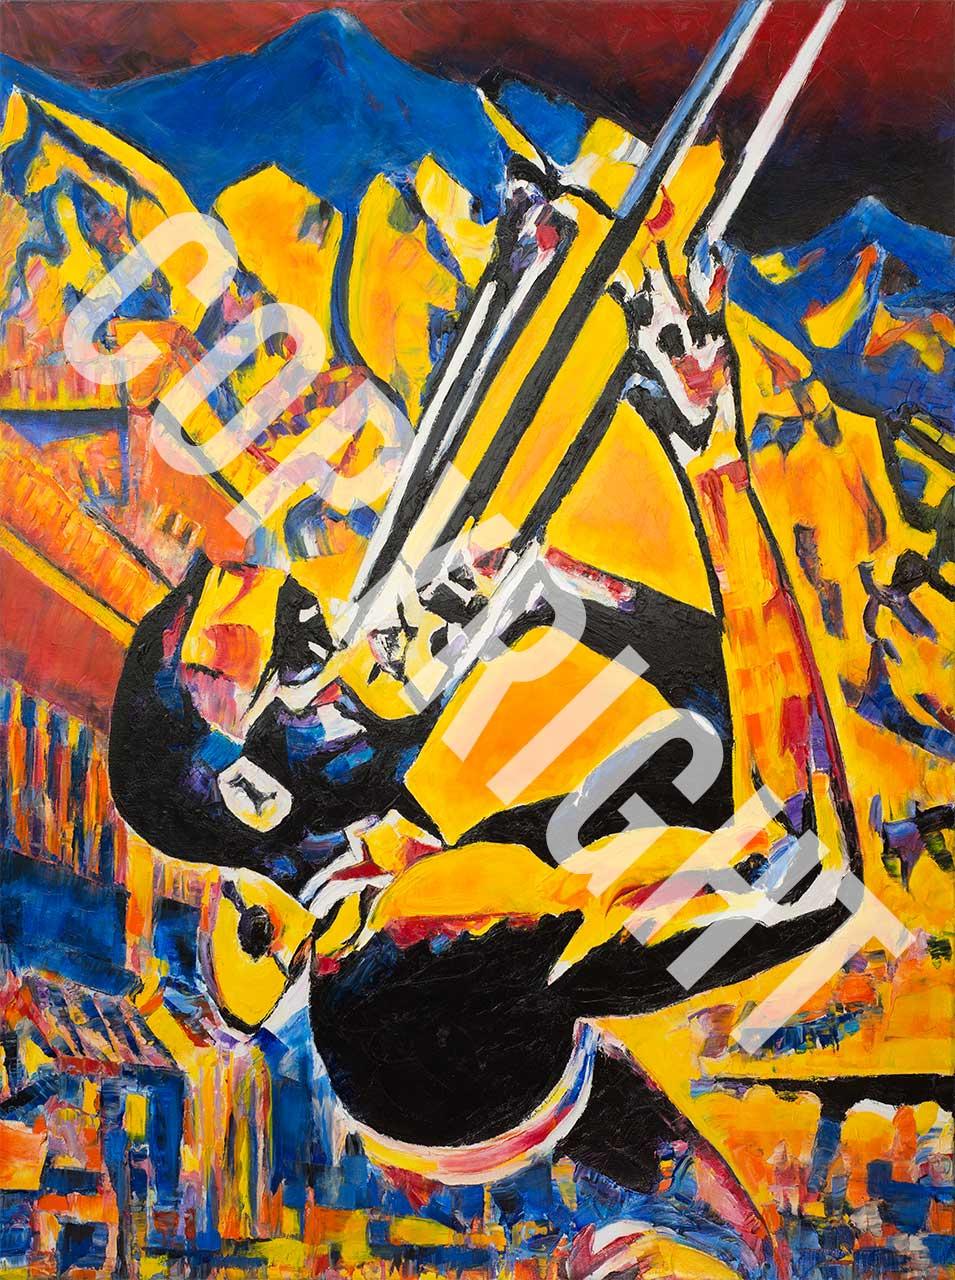 Telluride Jazz Festival - Original Art by Jennifer Godshalk